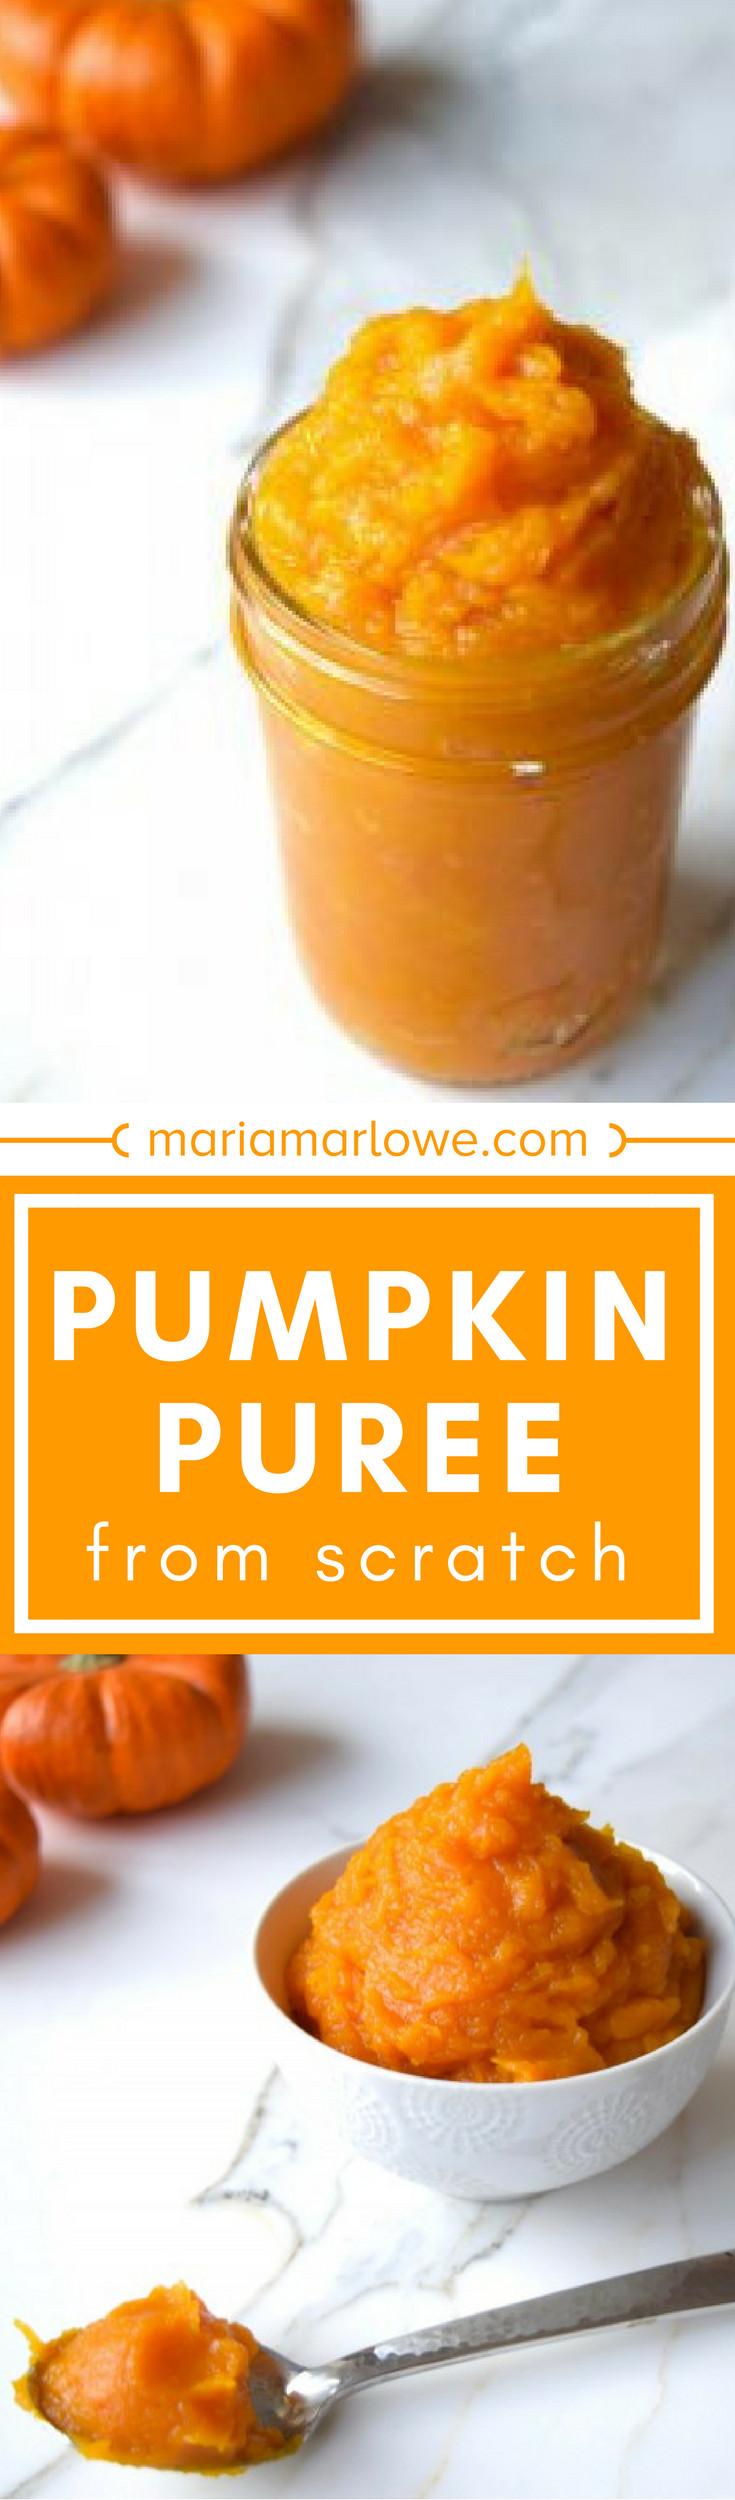 Pumpkin Puree Recipes Healthy  Pumpkin Puree Recipe